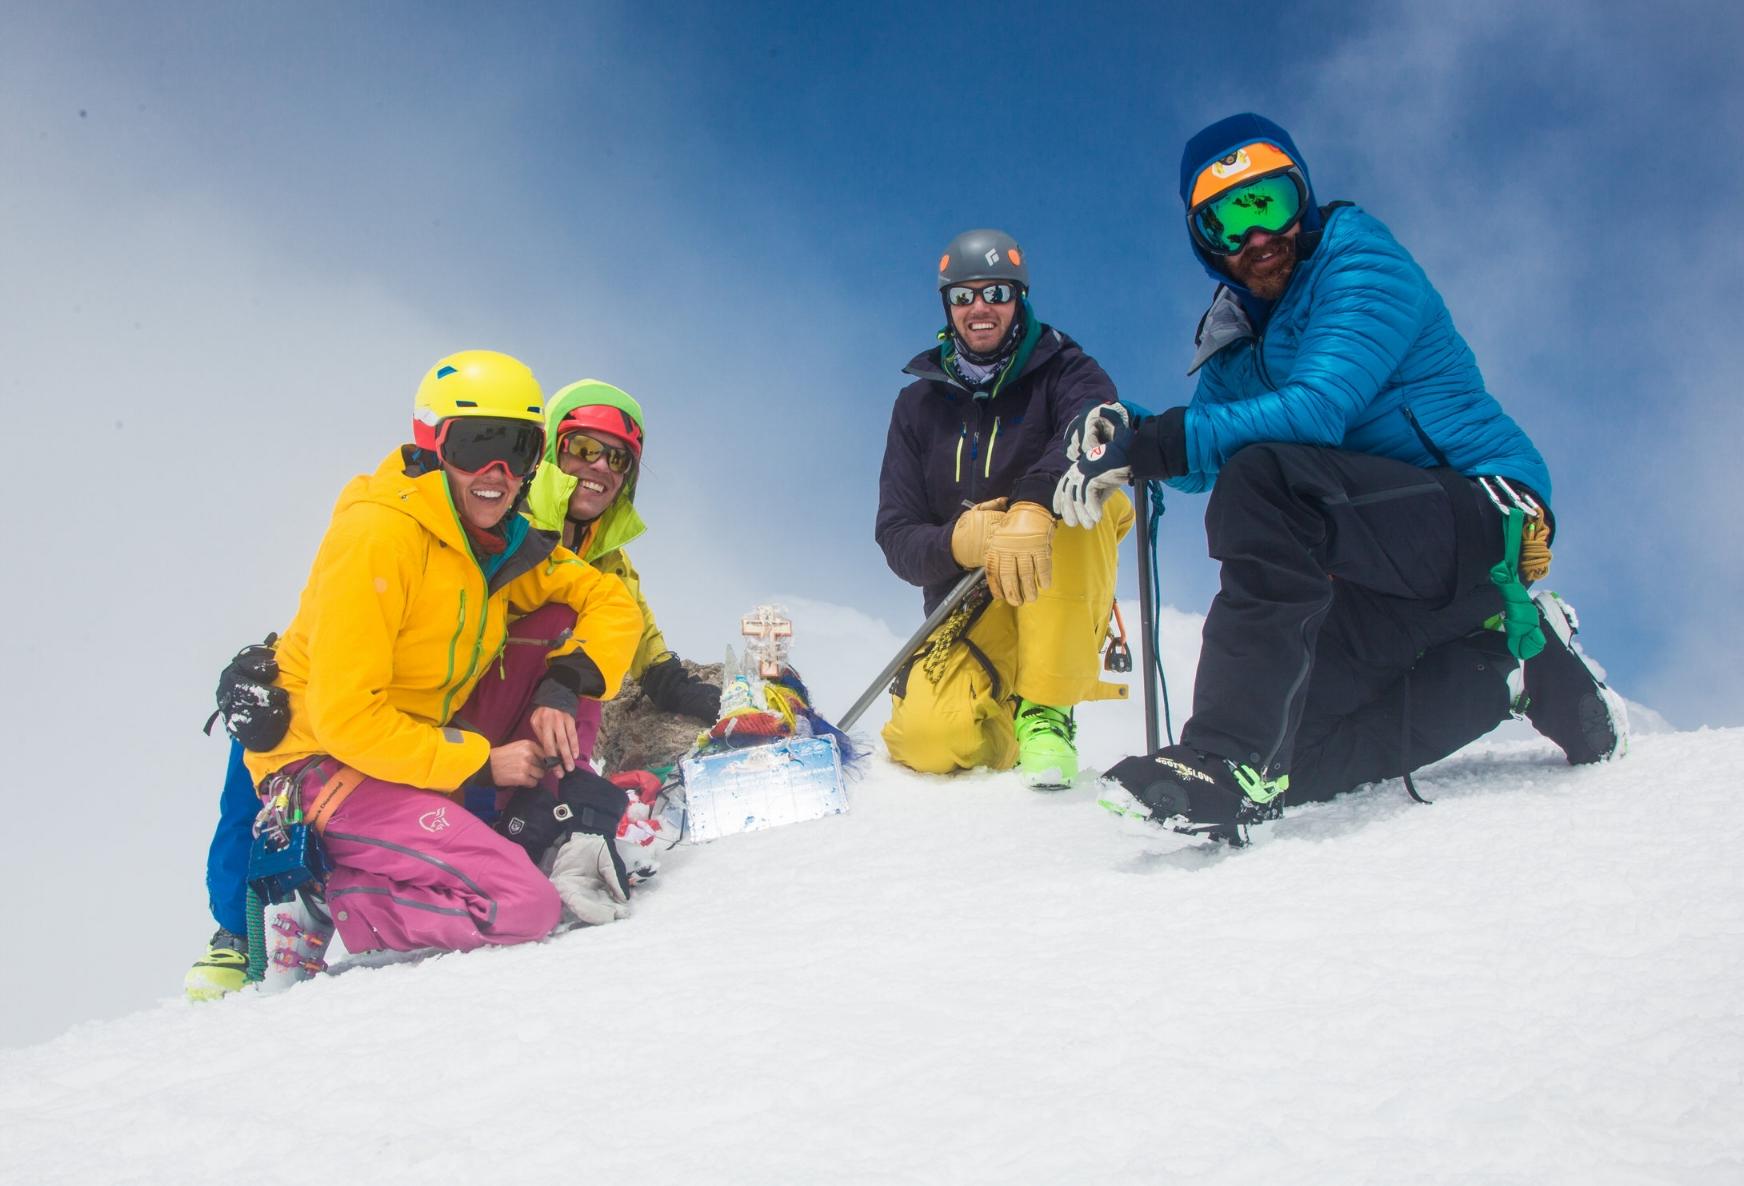 Our Elbrus Summit team - Sierra, Mark, David, Ben.